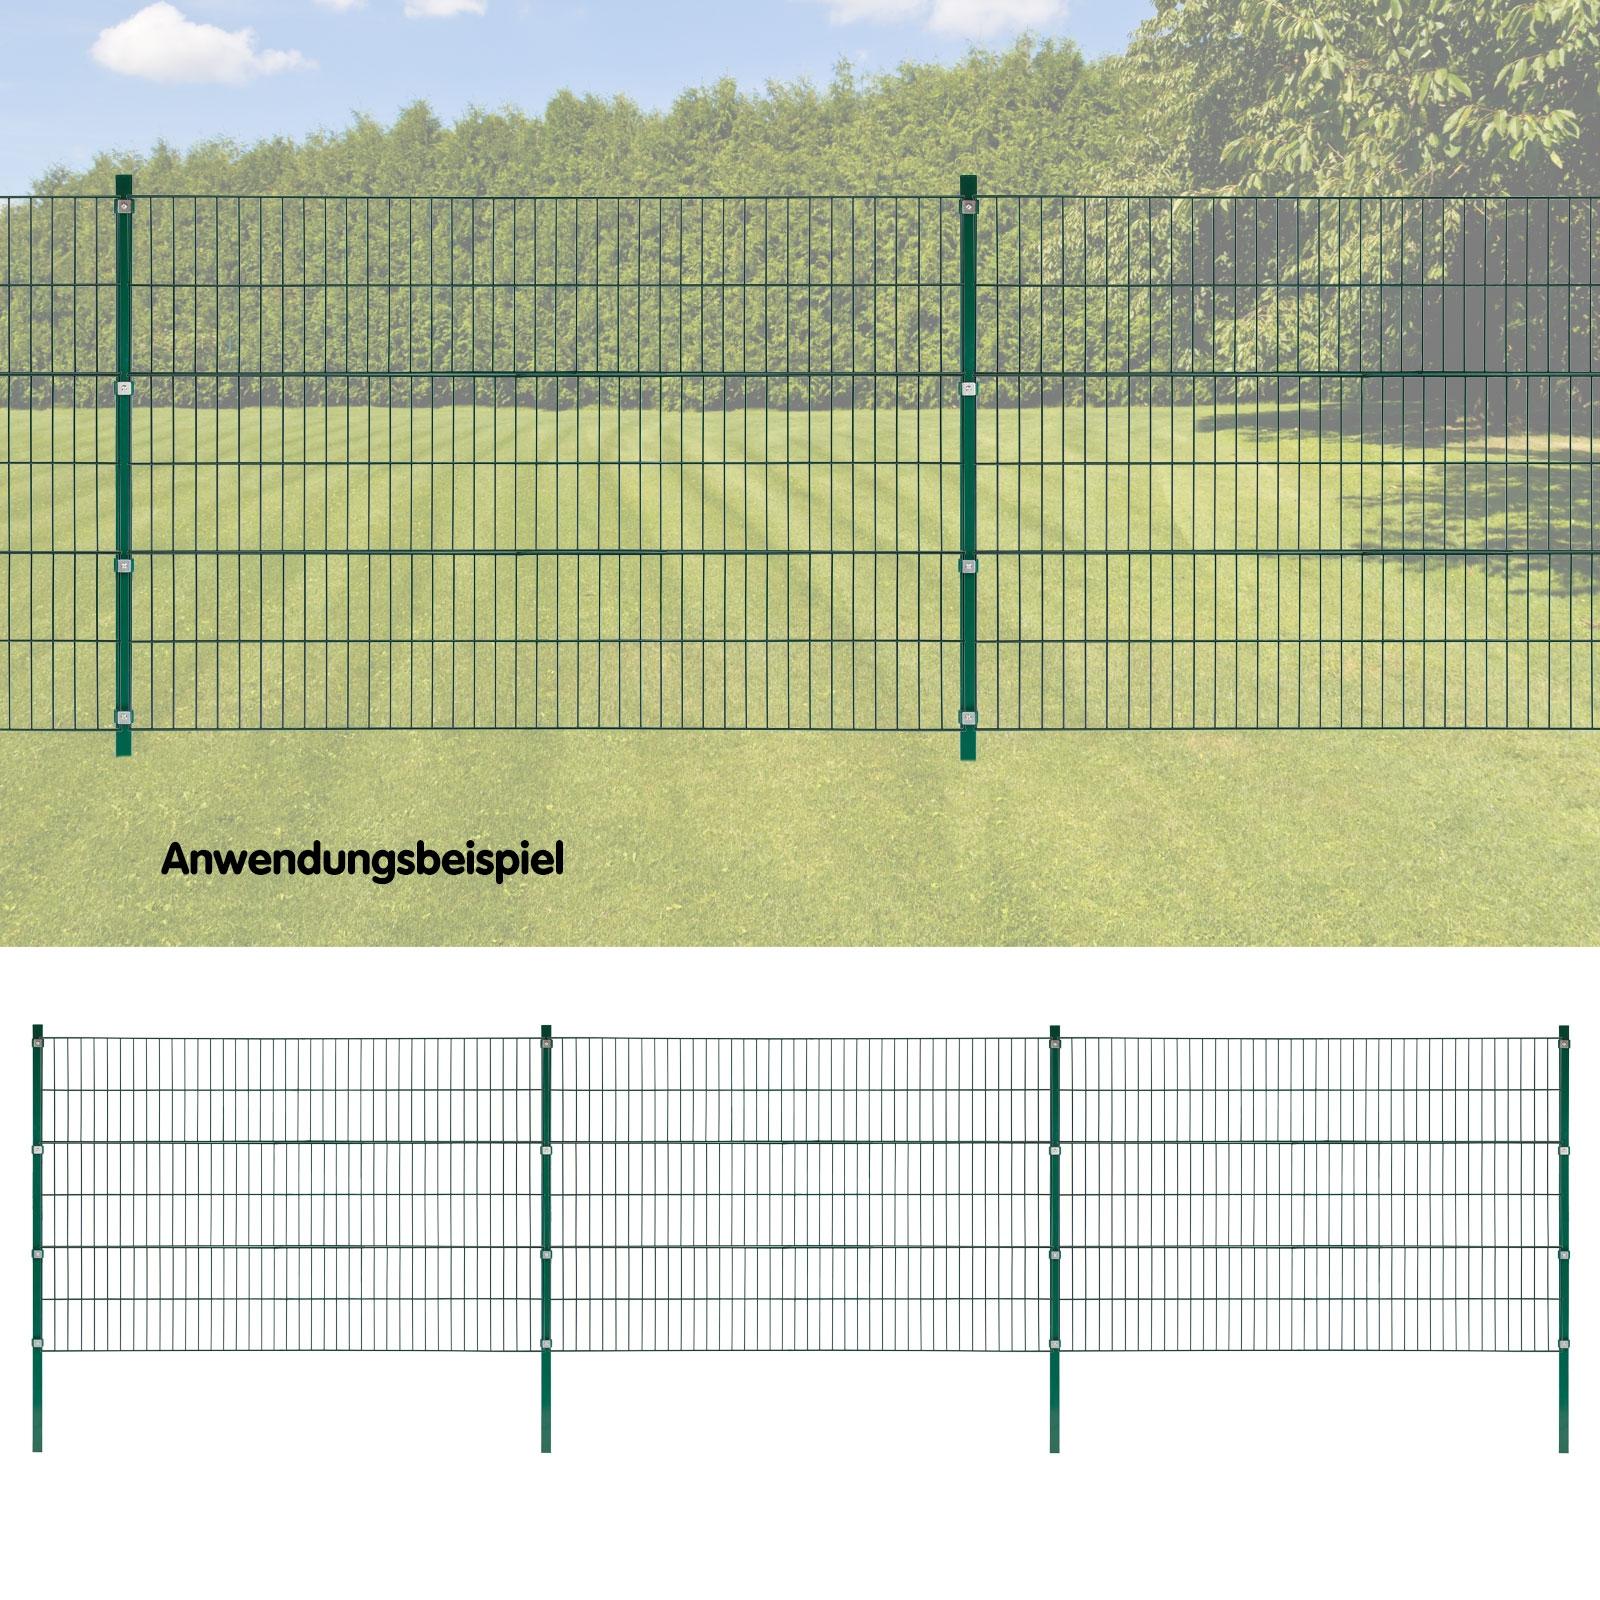 Dema Stabmattenzaun grün 6x1,2 m Stabmattenzaun Gartenzaun Grundstückszaun Metallzaun 31350